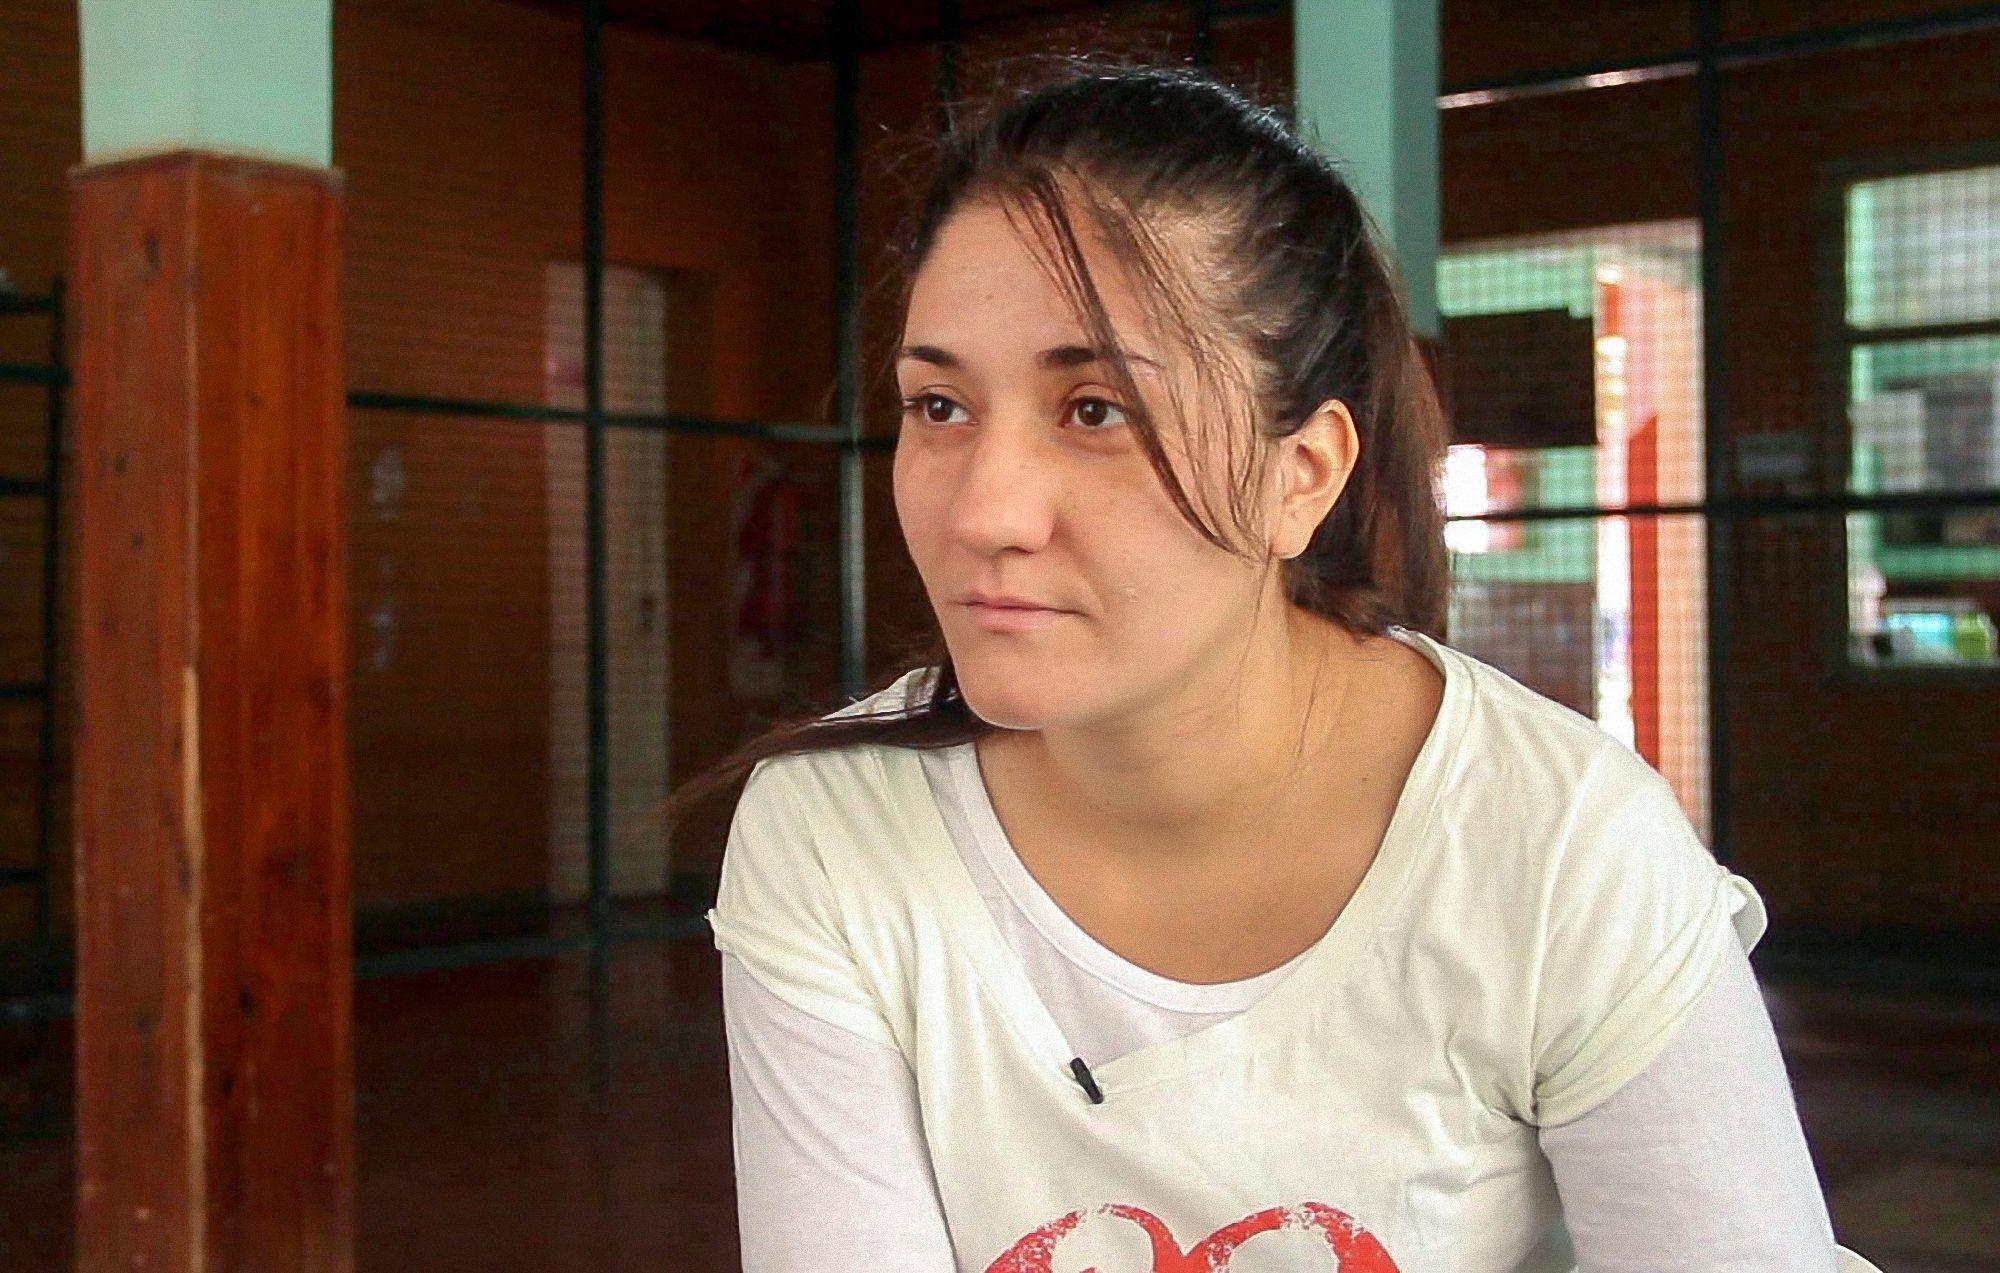 Misiones: absolvieron a una mujer que estuvo 11 años presa sin pruebas